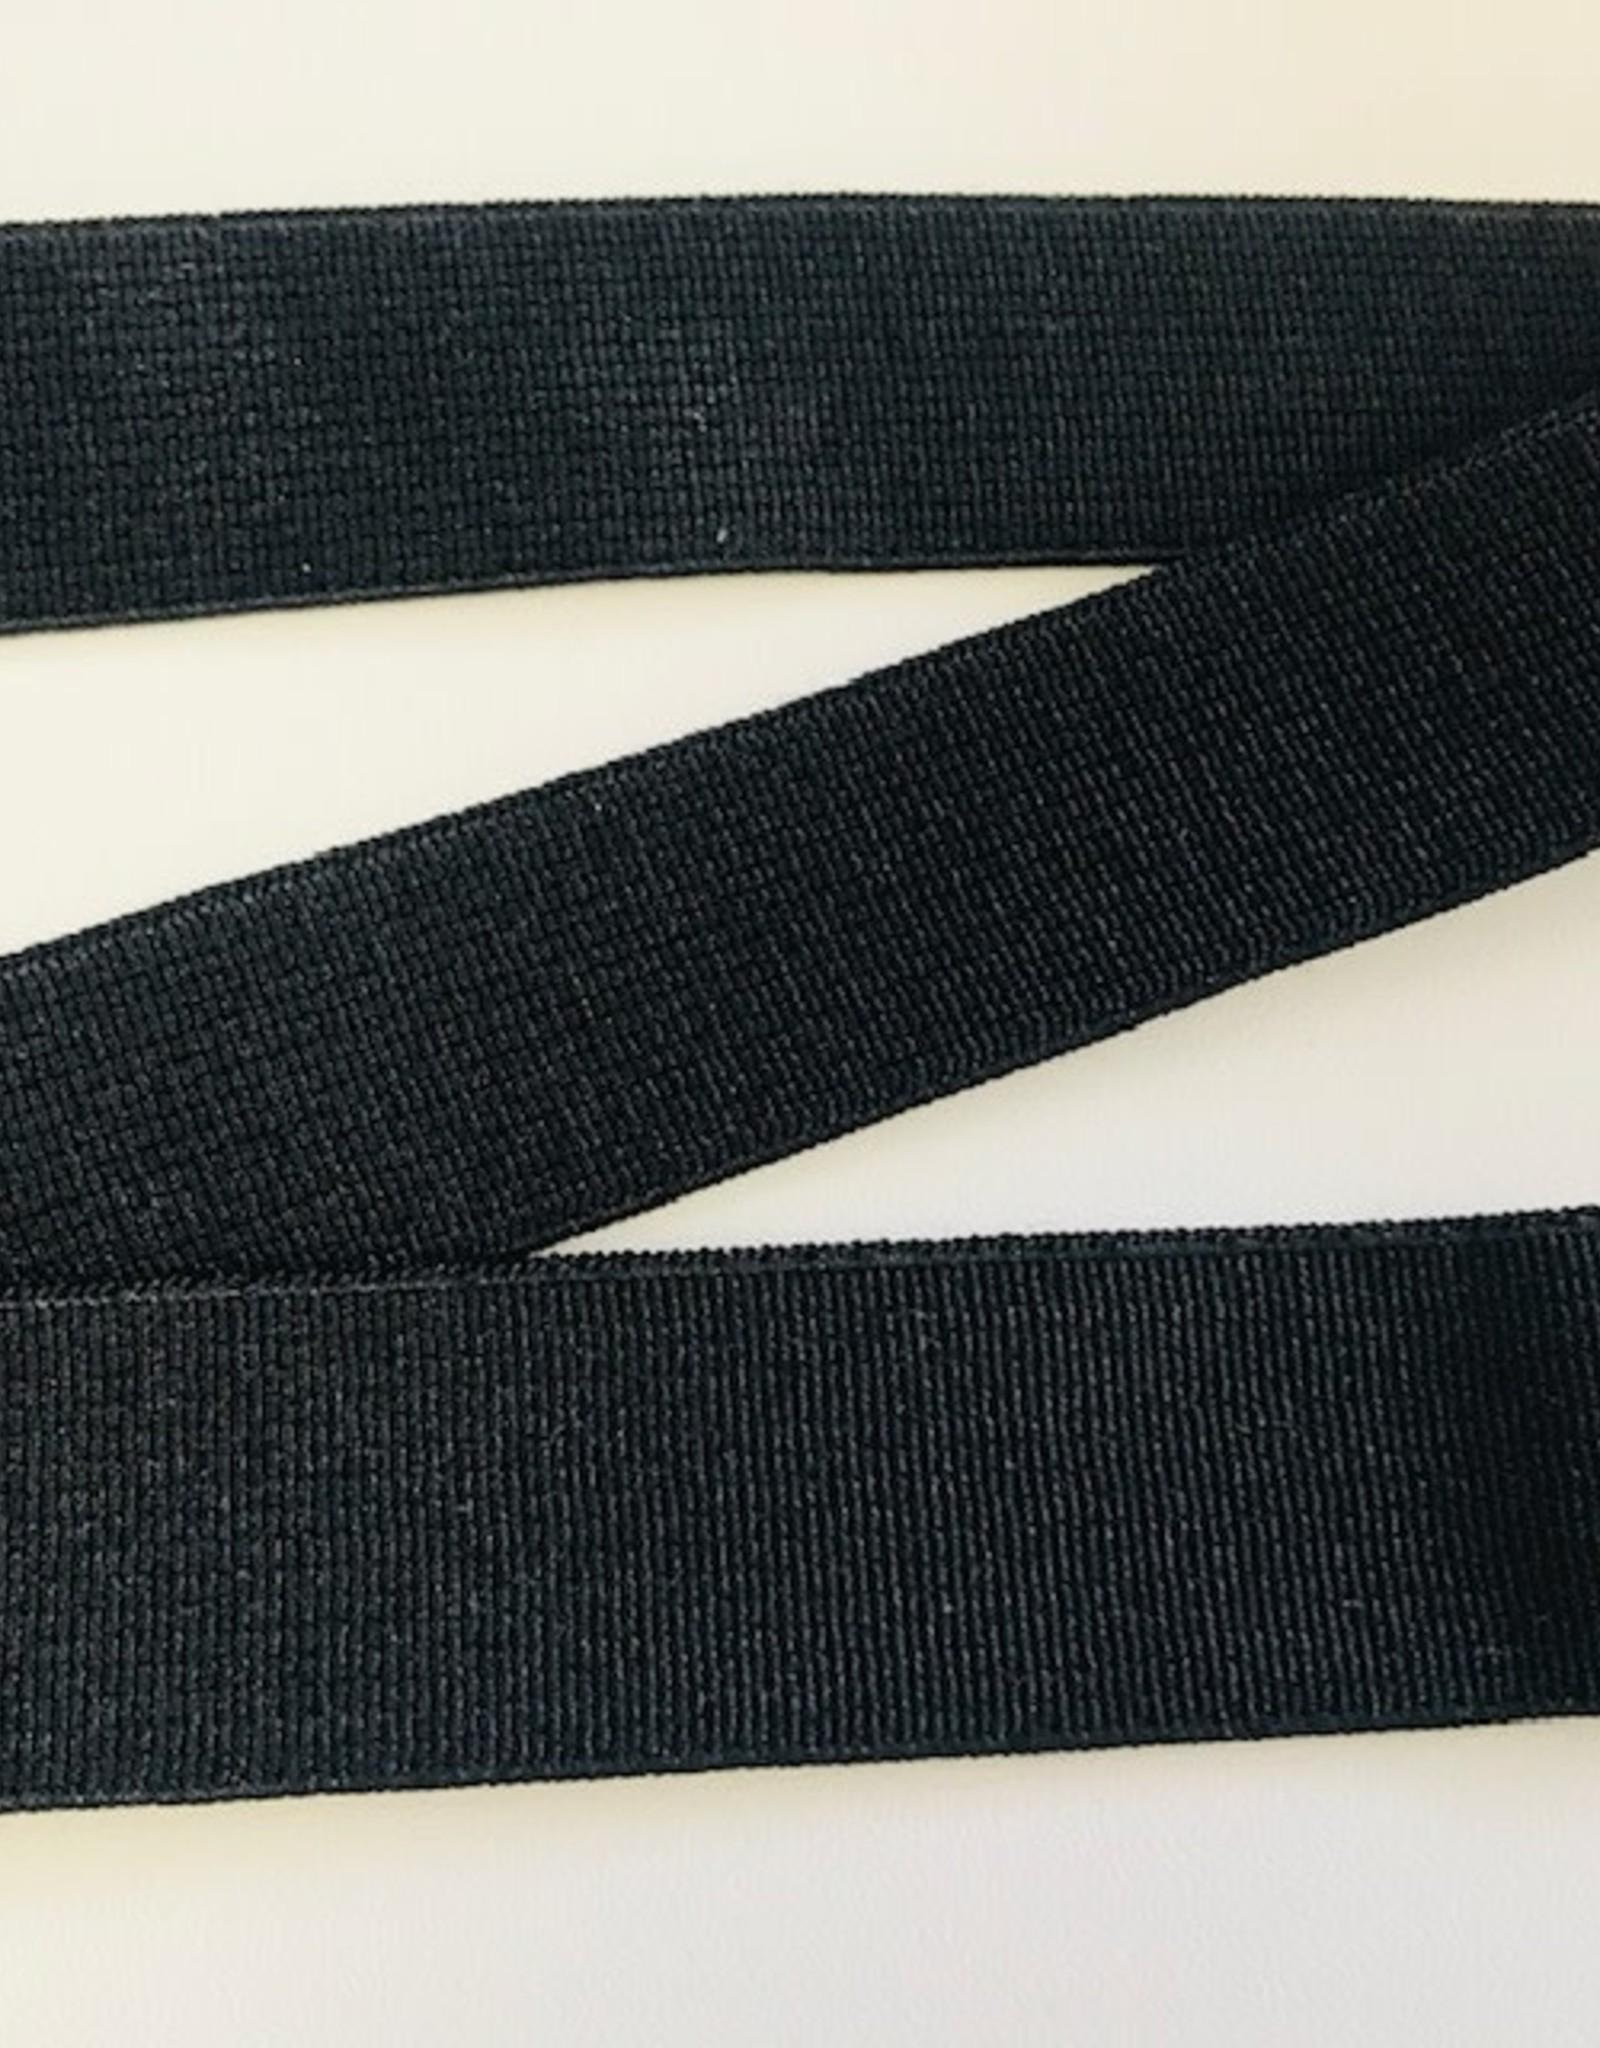 GEWEVEN ELASTIEK zacht 25mm zwart